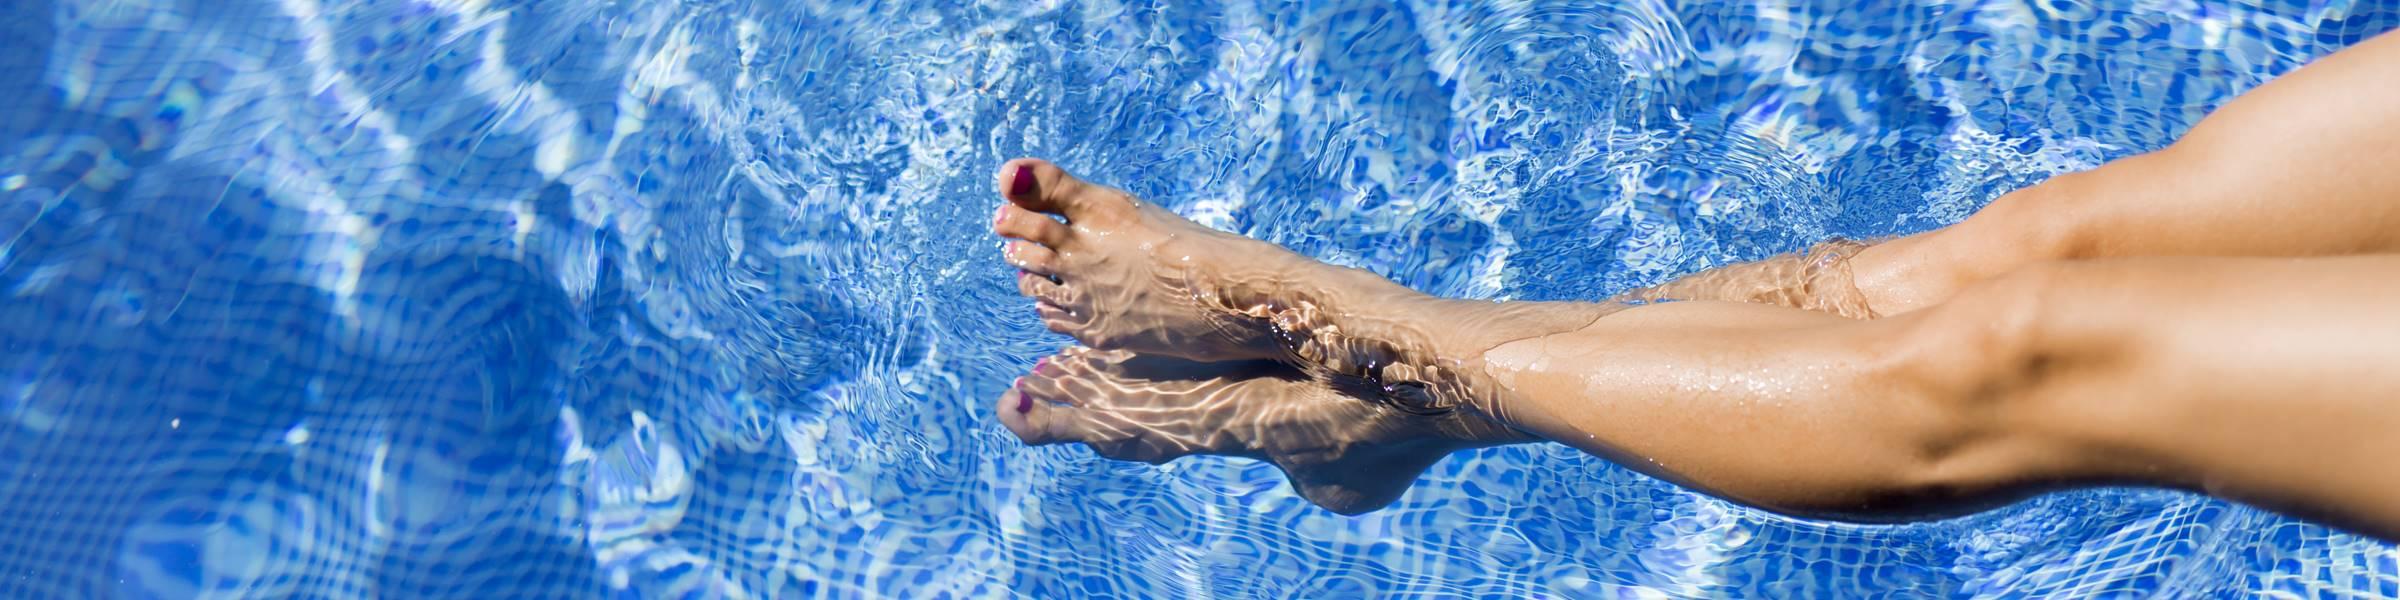 undichte stelle in schwimmbadfolie finden